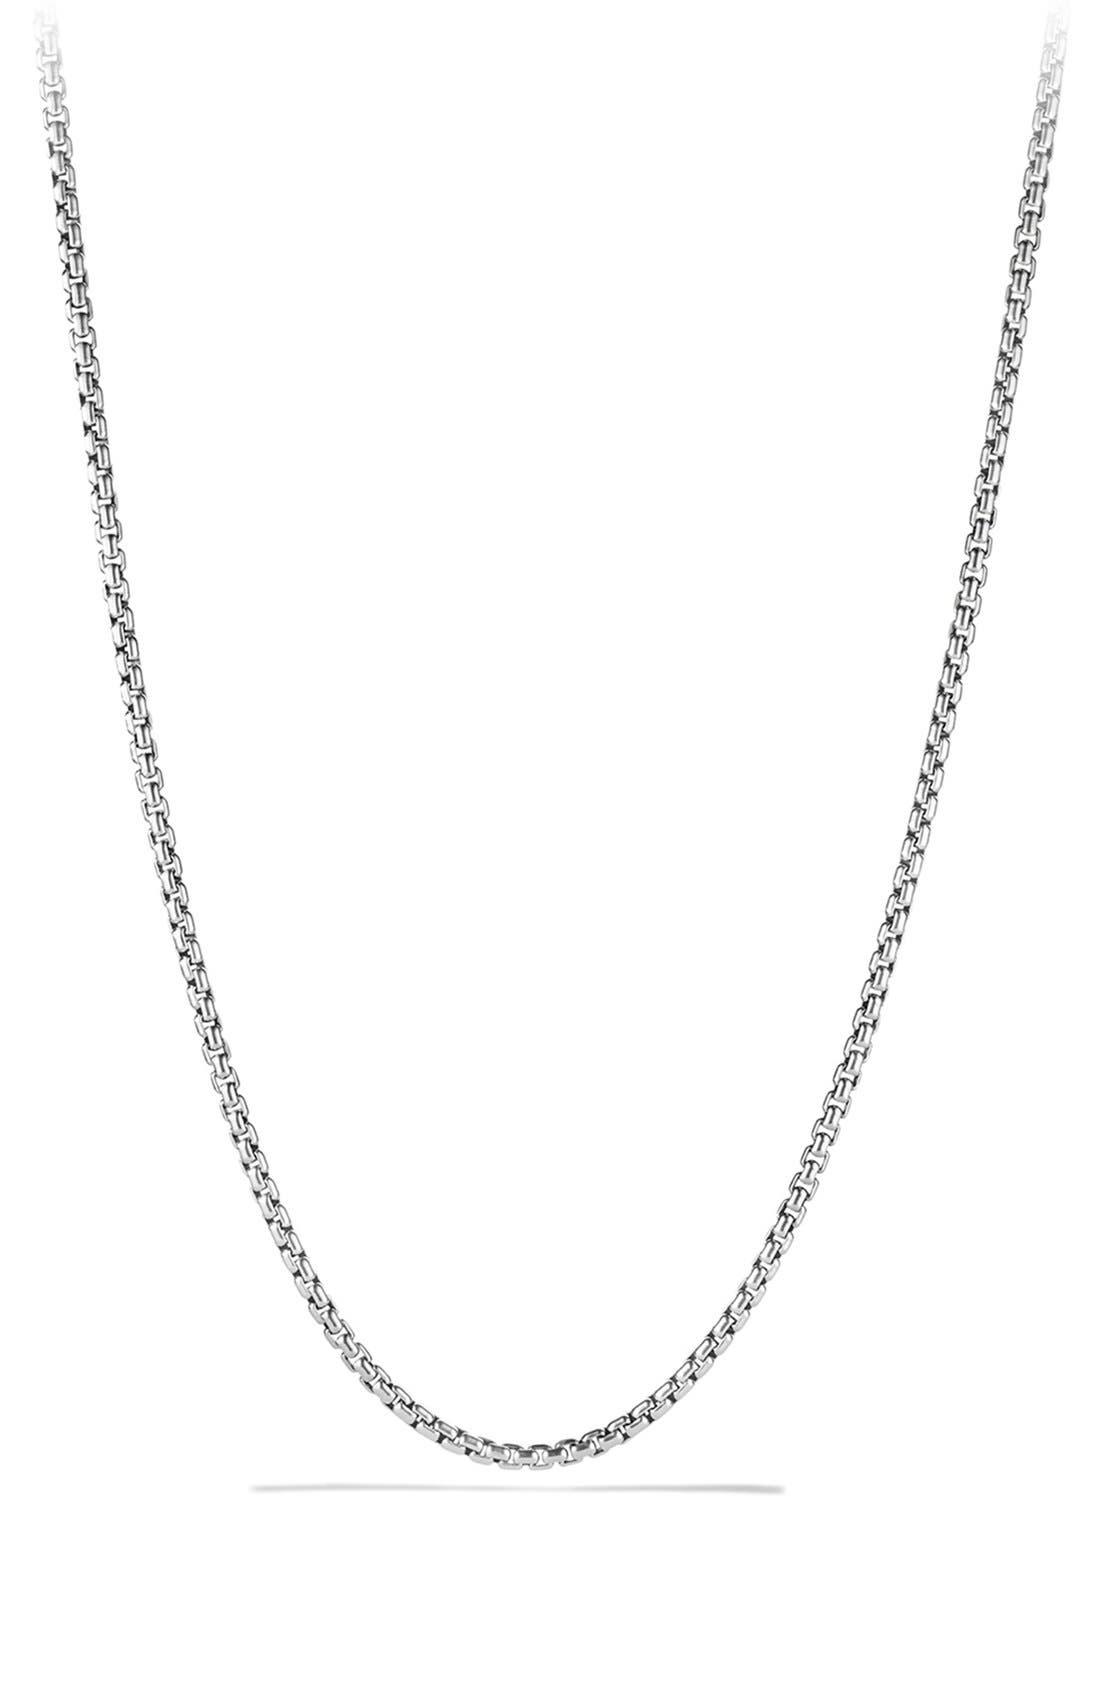 Main Image - David Yurman 'Chain' Box Chain Necklace